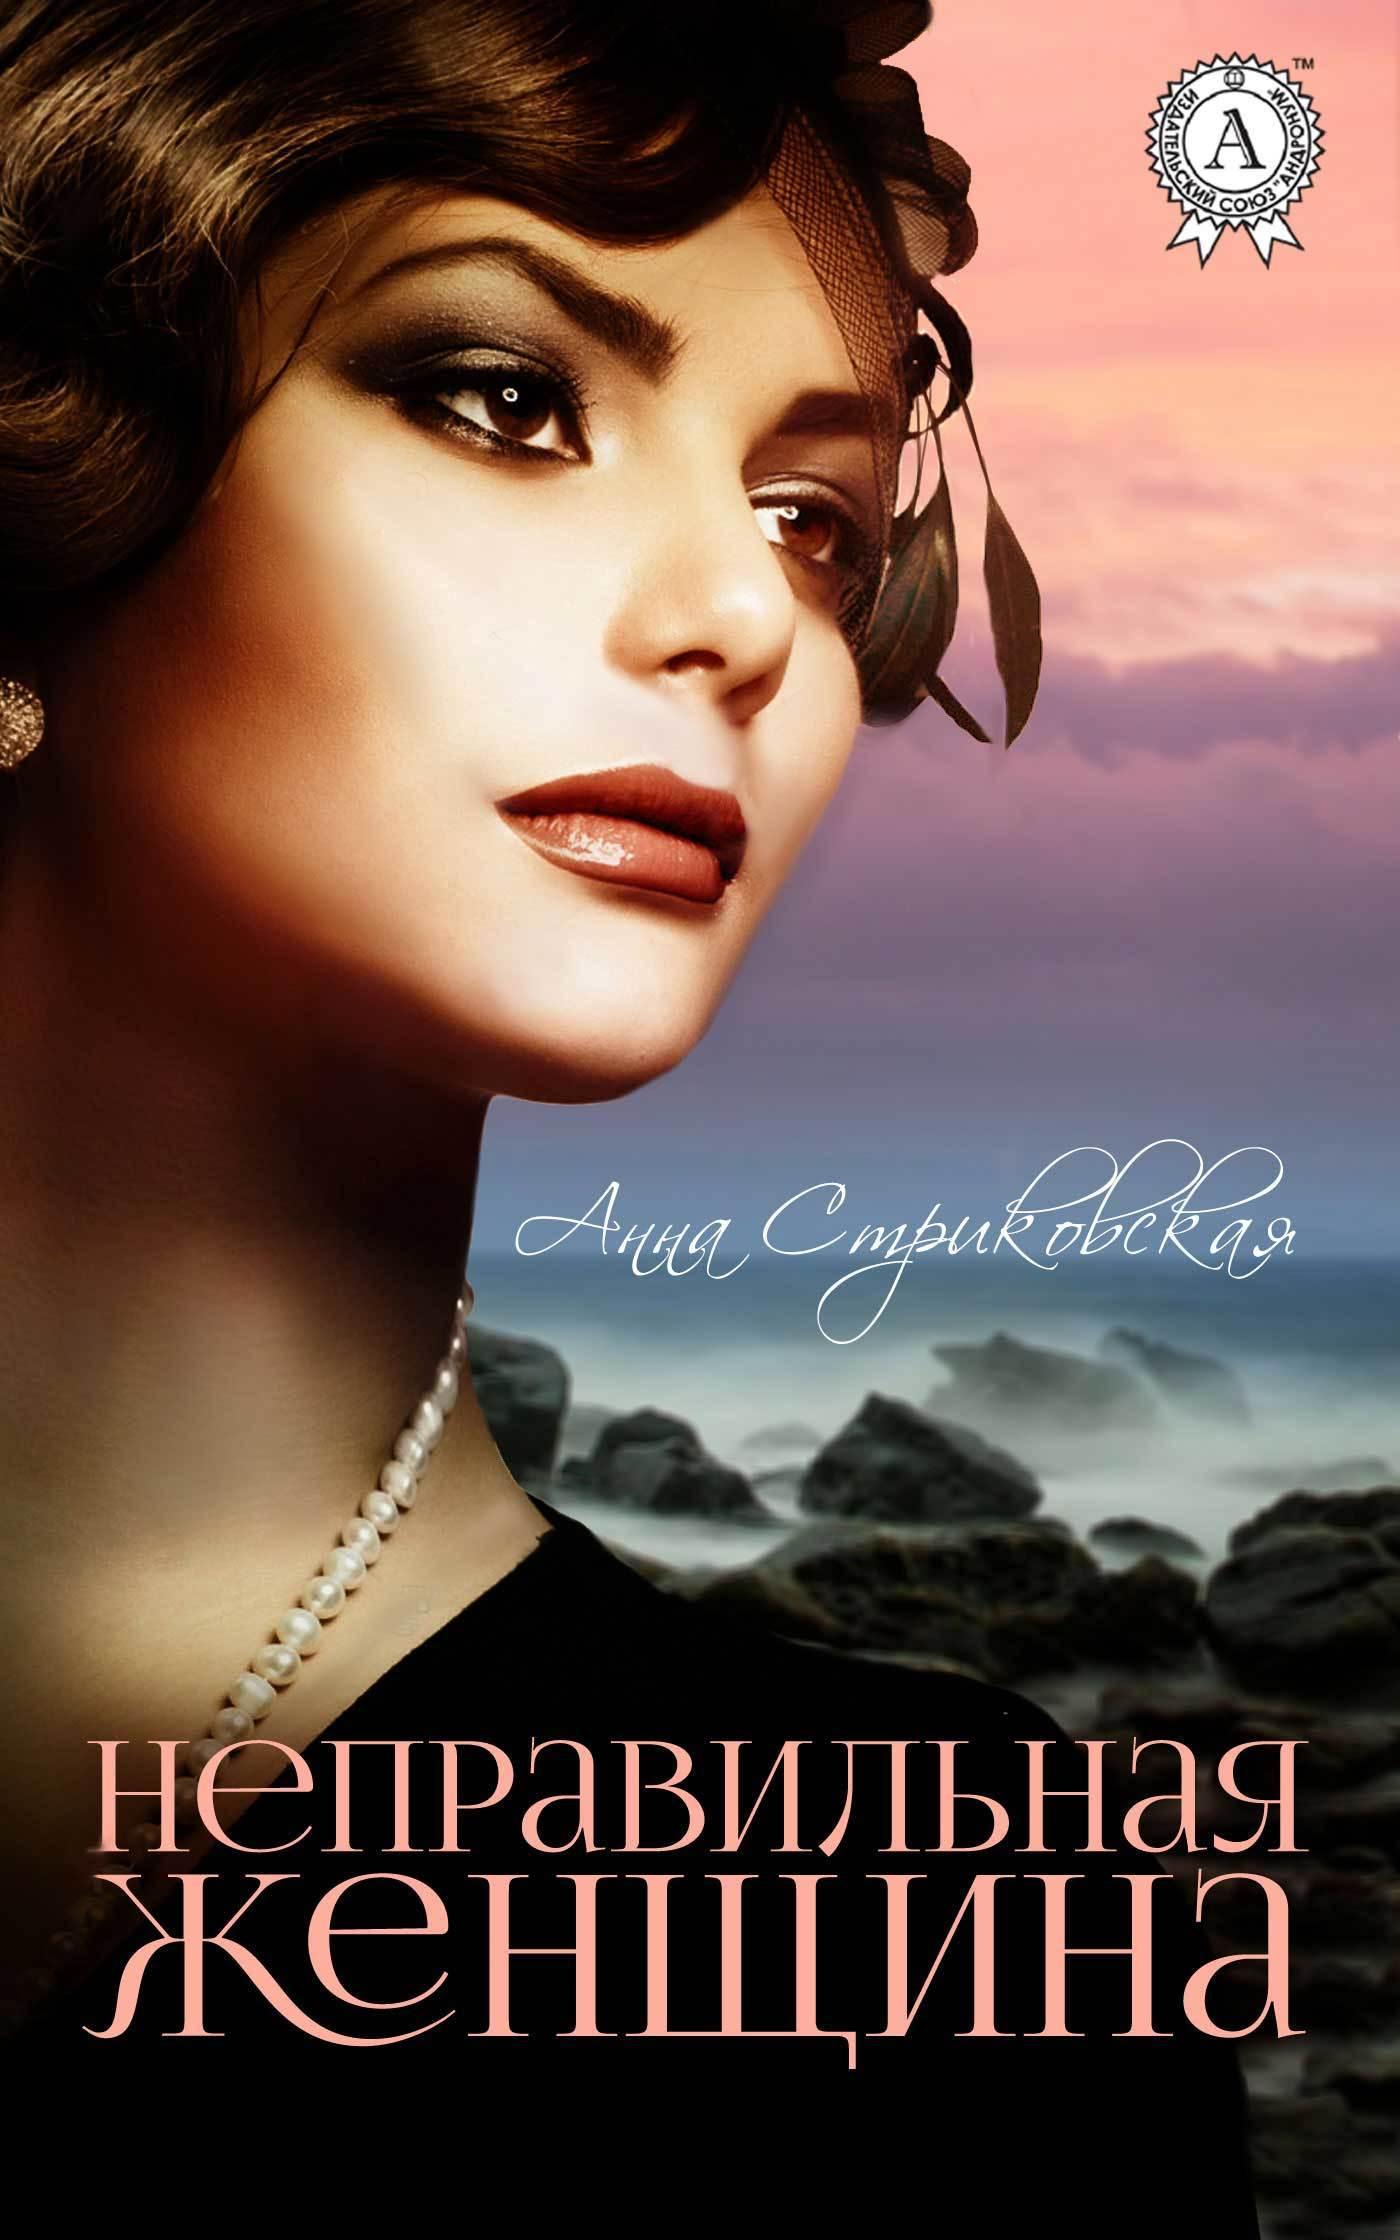 Обложка книги Неправильная женщина, автор Стриковская, Анна